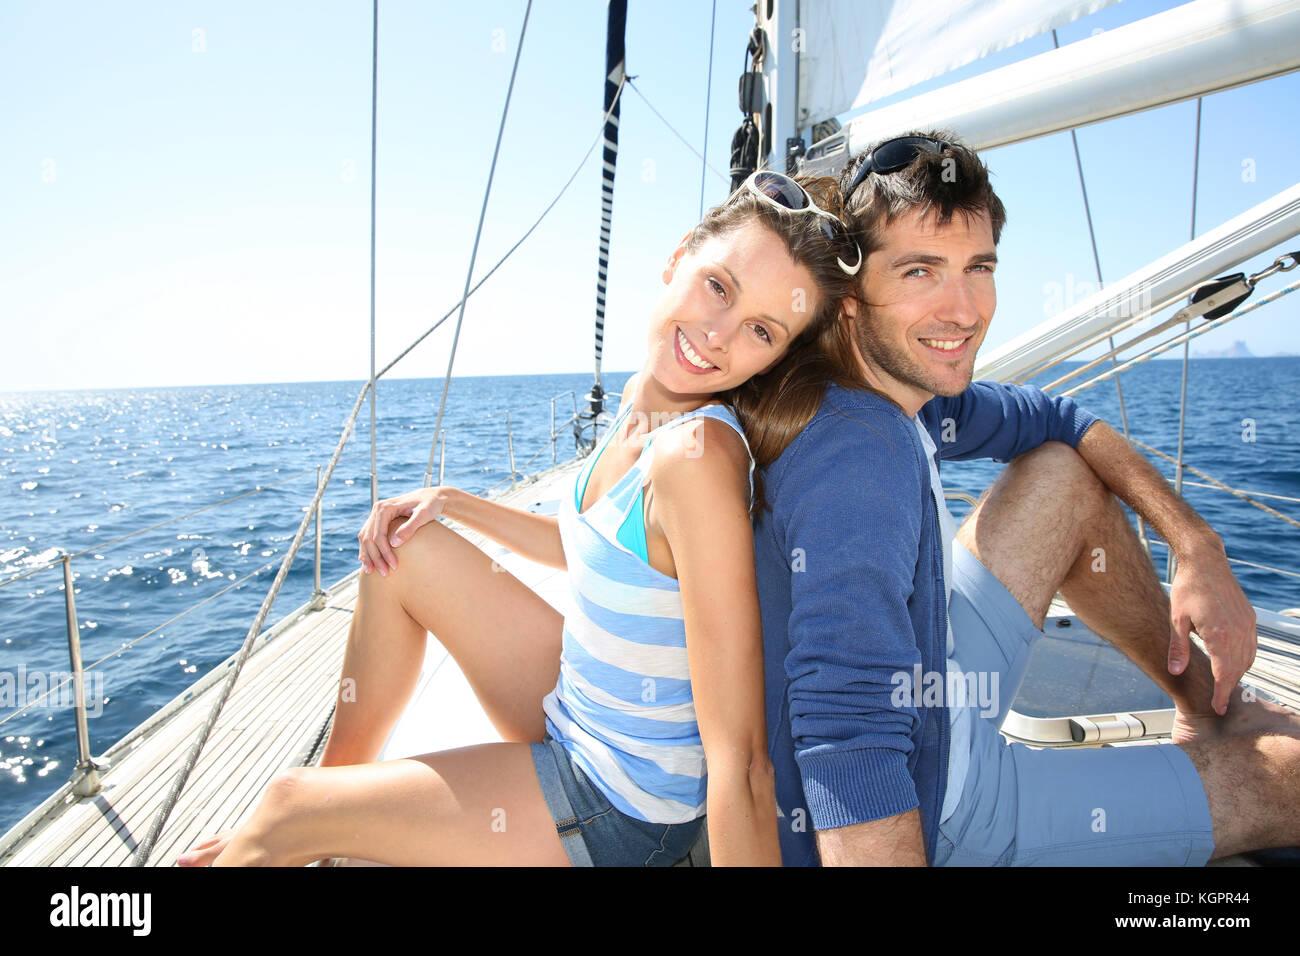 Smiling couple enjoying cruising journey on sailboat - Stock Image